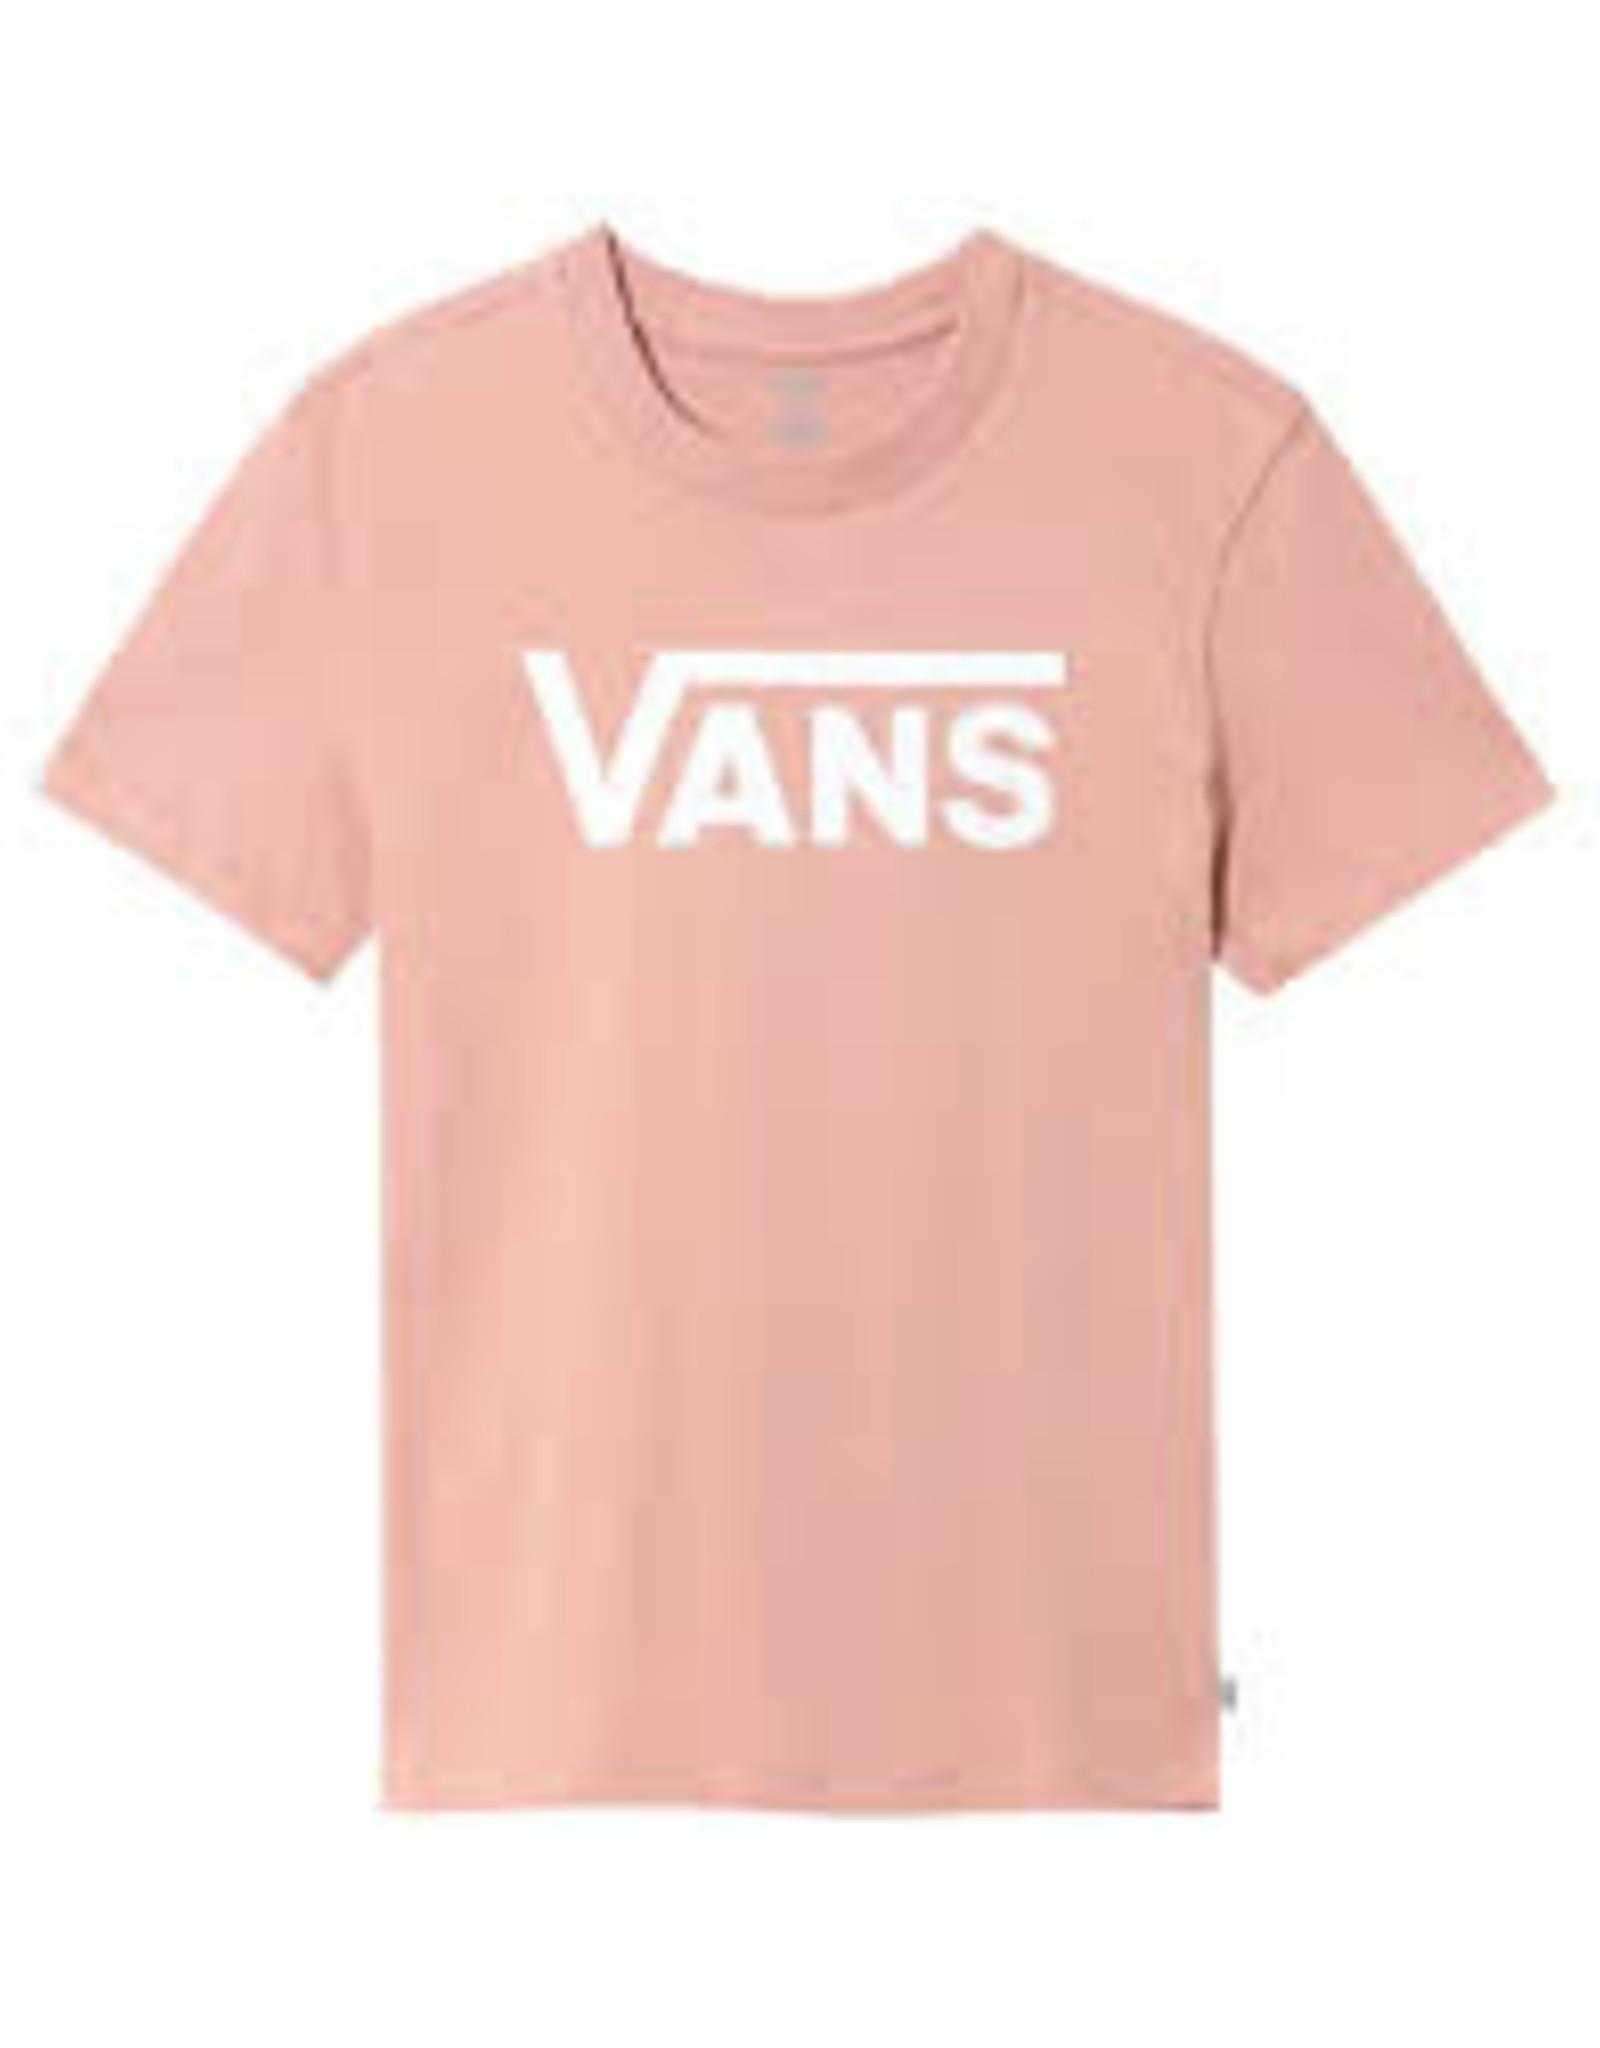 Vans VANS FLYING V CREW TEE ROSE DAWN